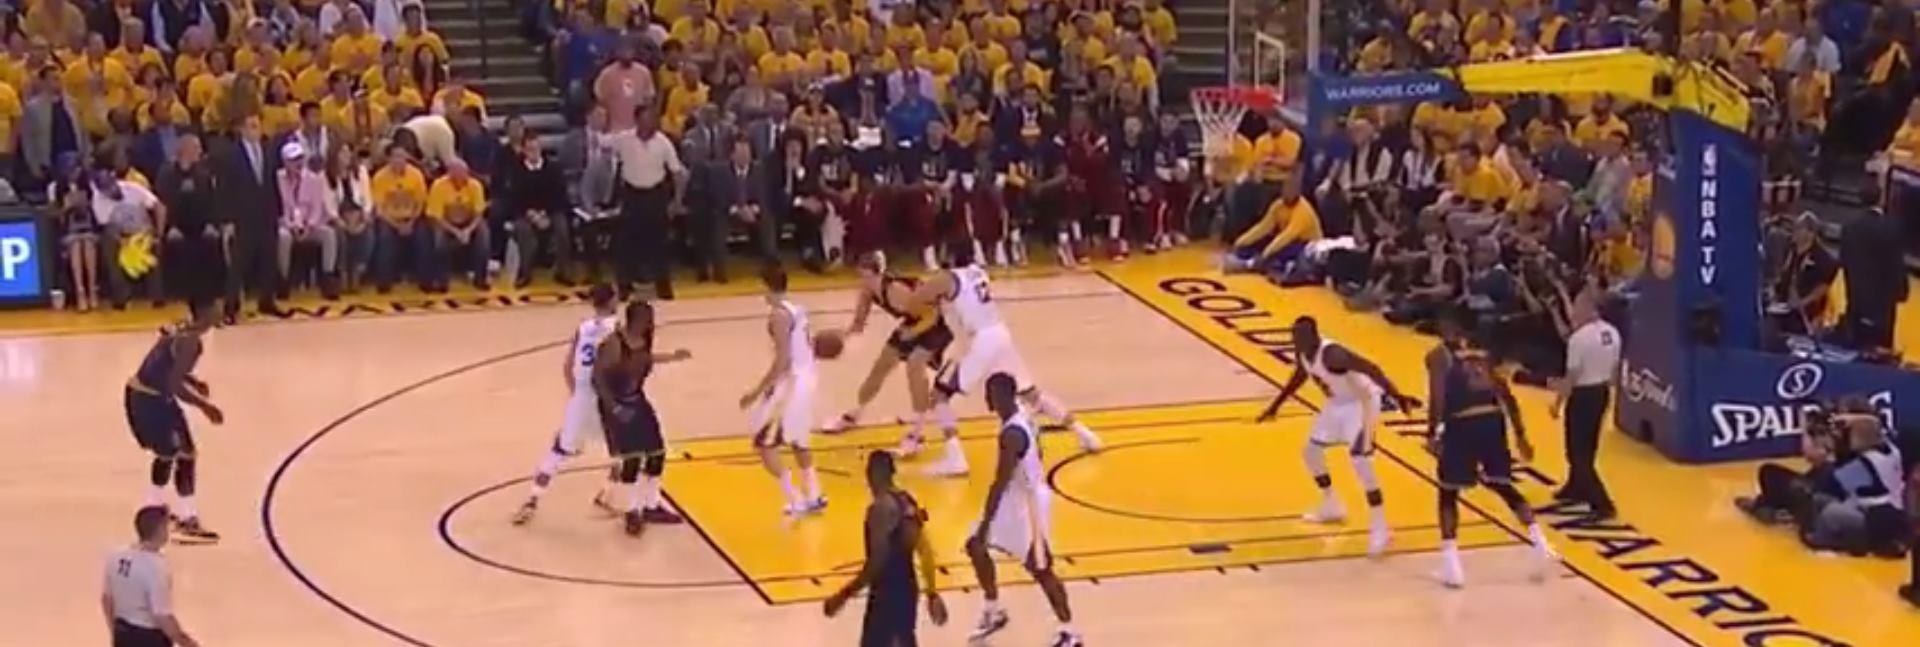 NBA FINALE Golden Stateu naslov nakon 40 godina, Andre Iguodala najkorisniji igrač finalne serije